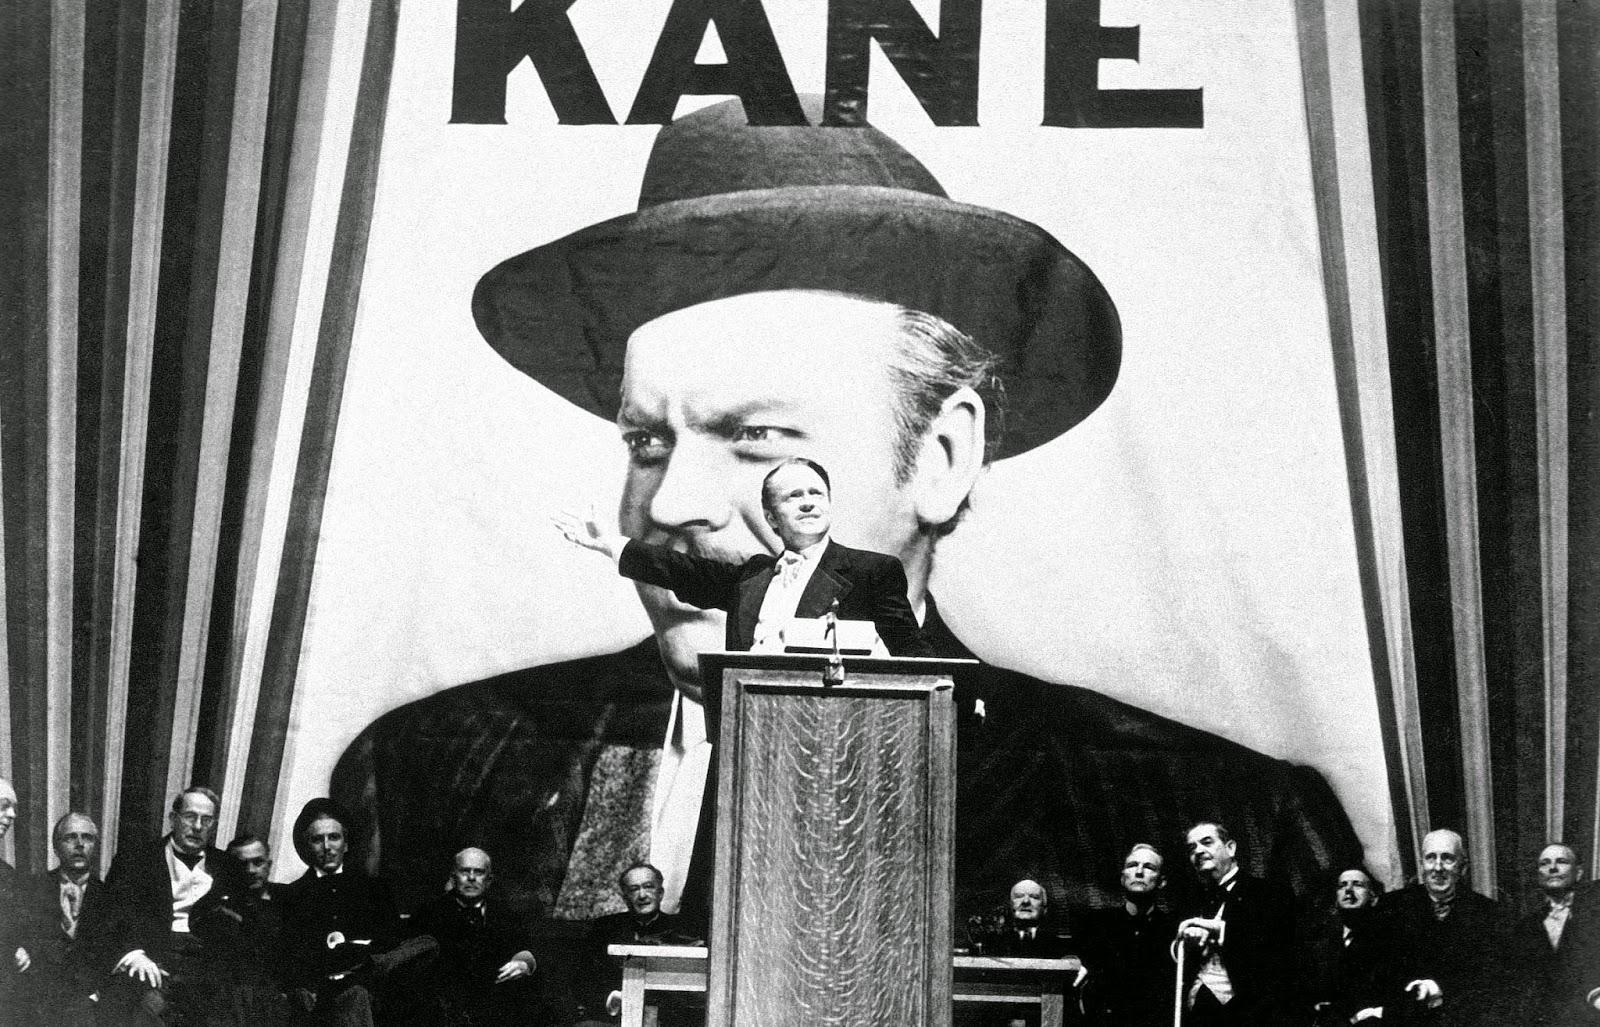 Amateur Film Criticism and History: Citizen Kane ...